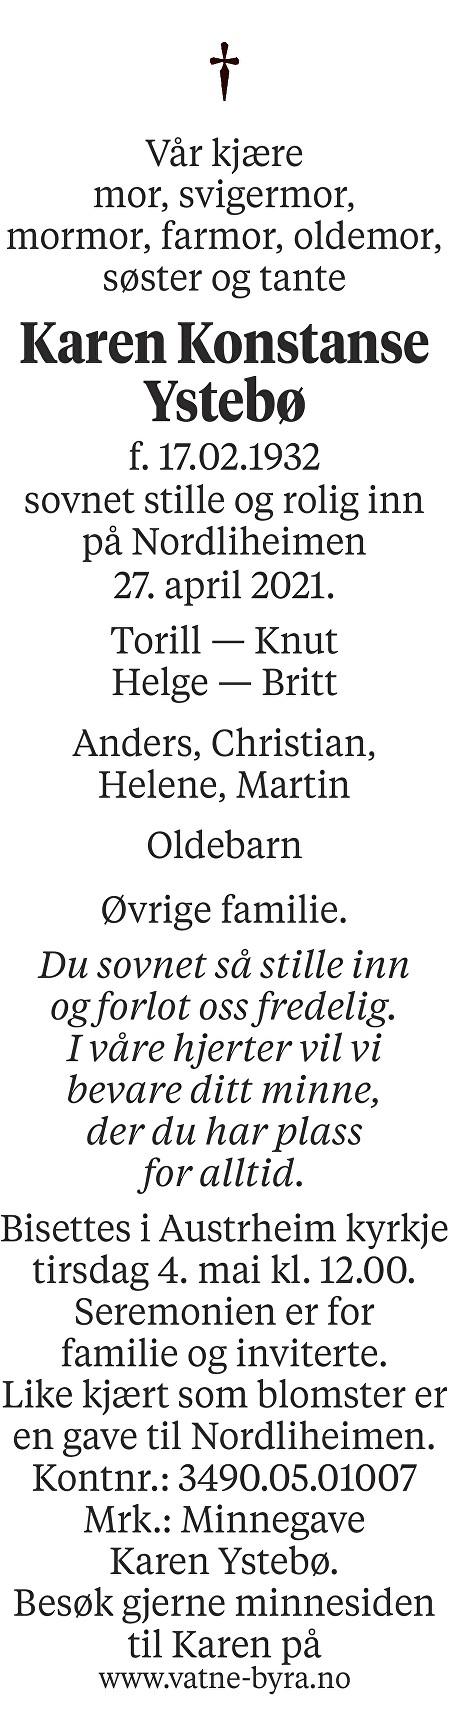 Karen Konstanse Ystebø Dødsannonse